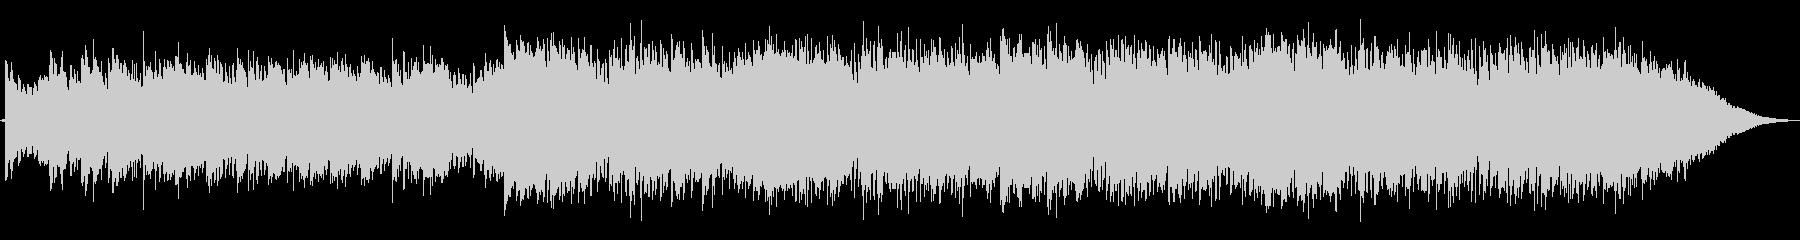 オープニング・情熱的なフラメンコEDMの未再生の波形